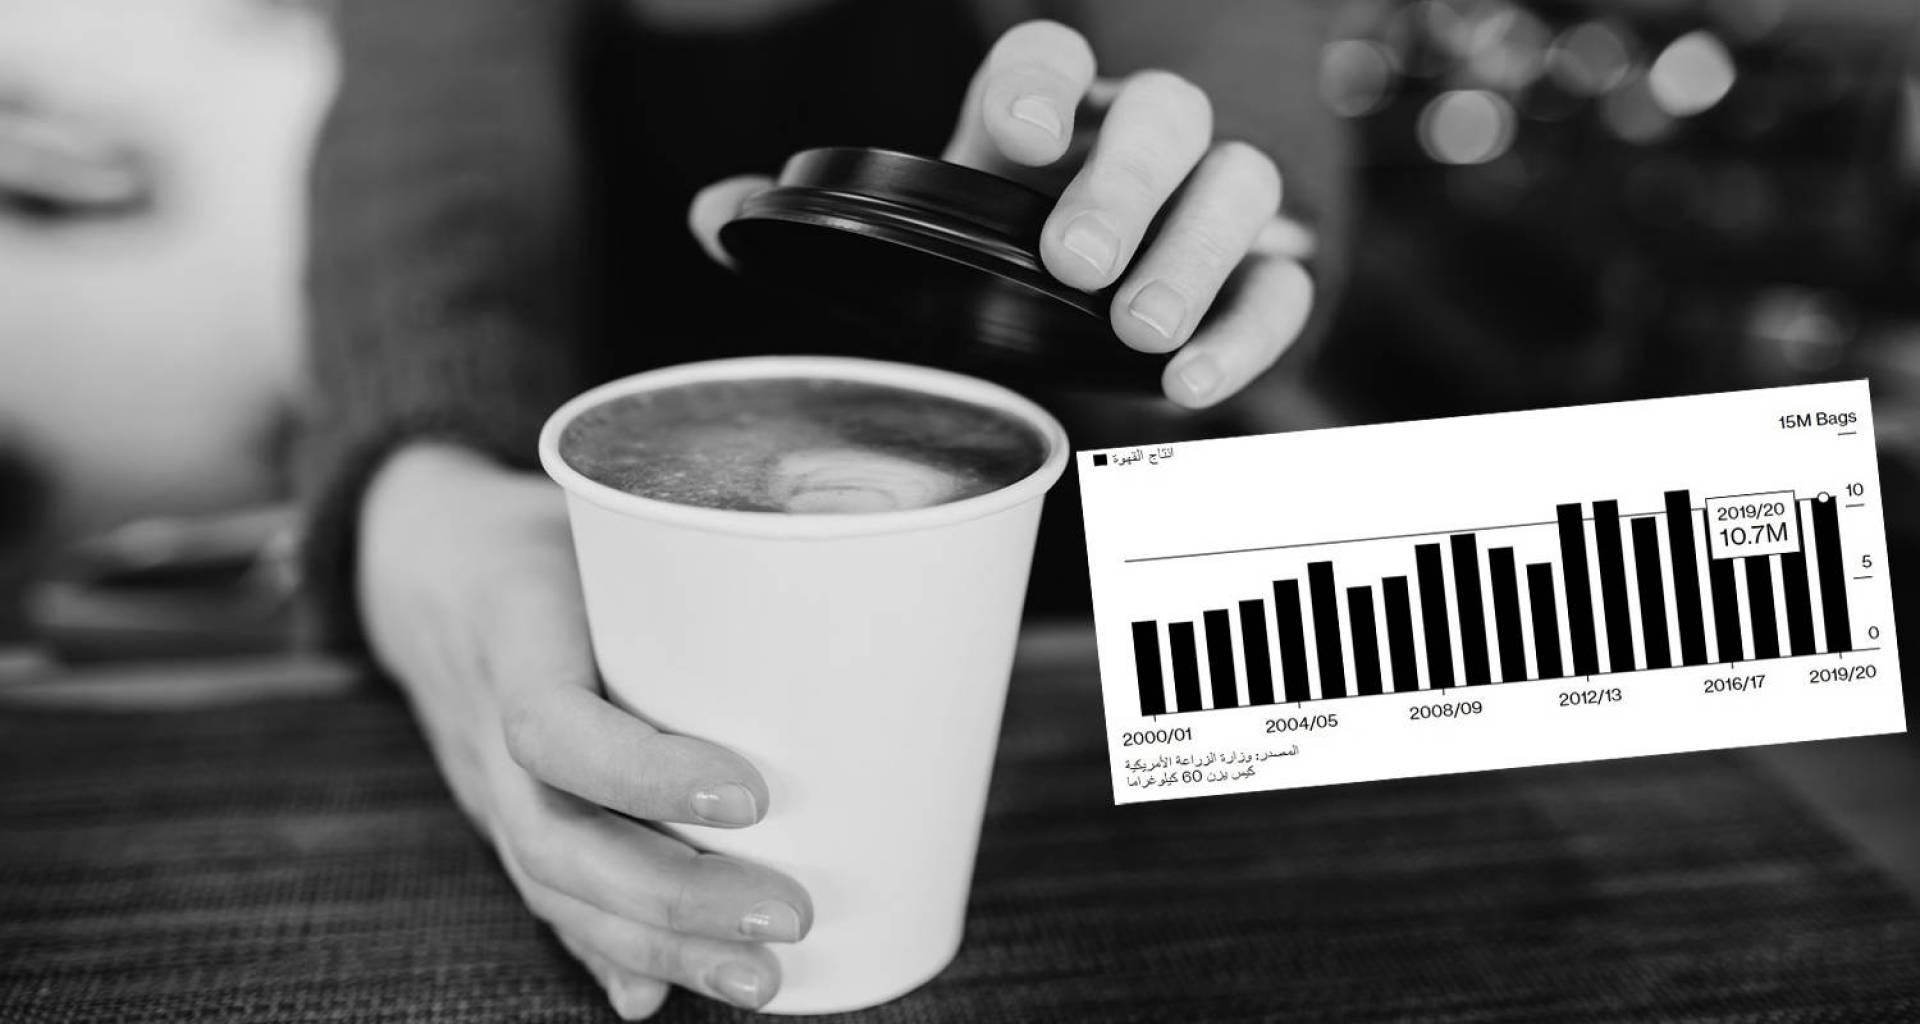 خبراء: كوب القهوة سيزيد سعره.. في المستقبل القريب